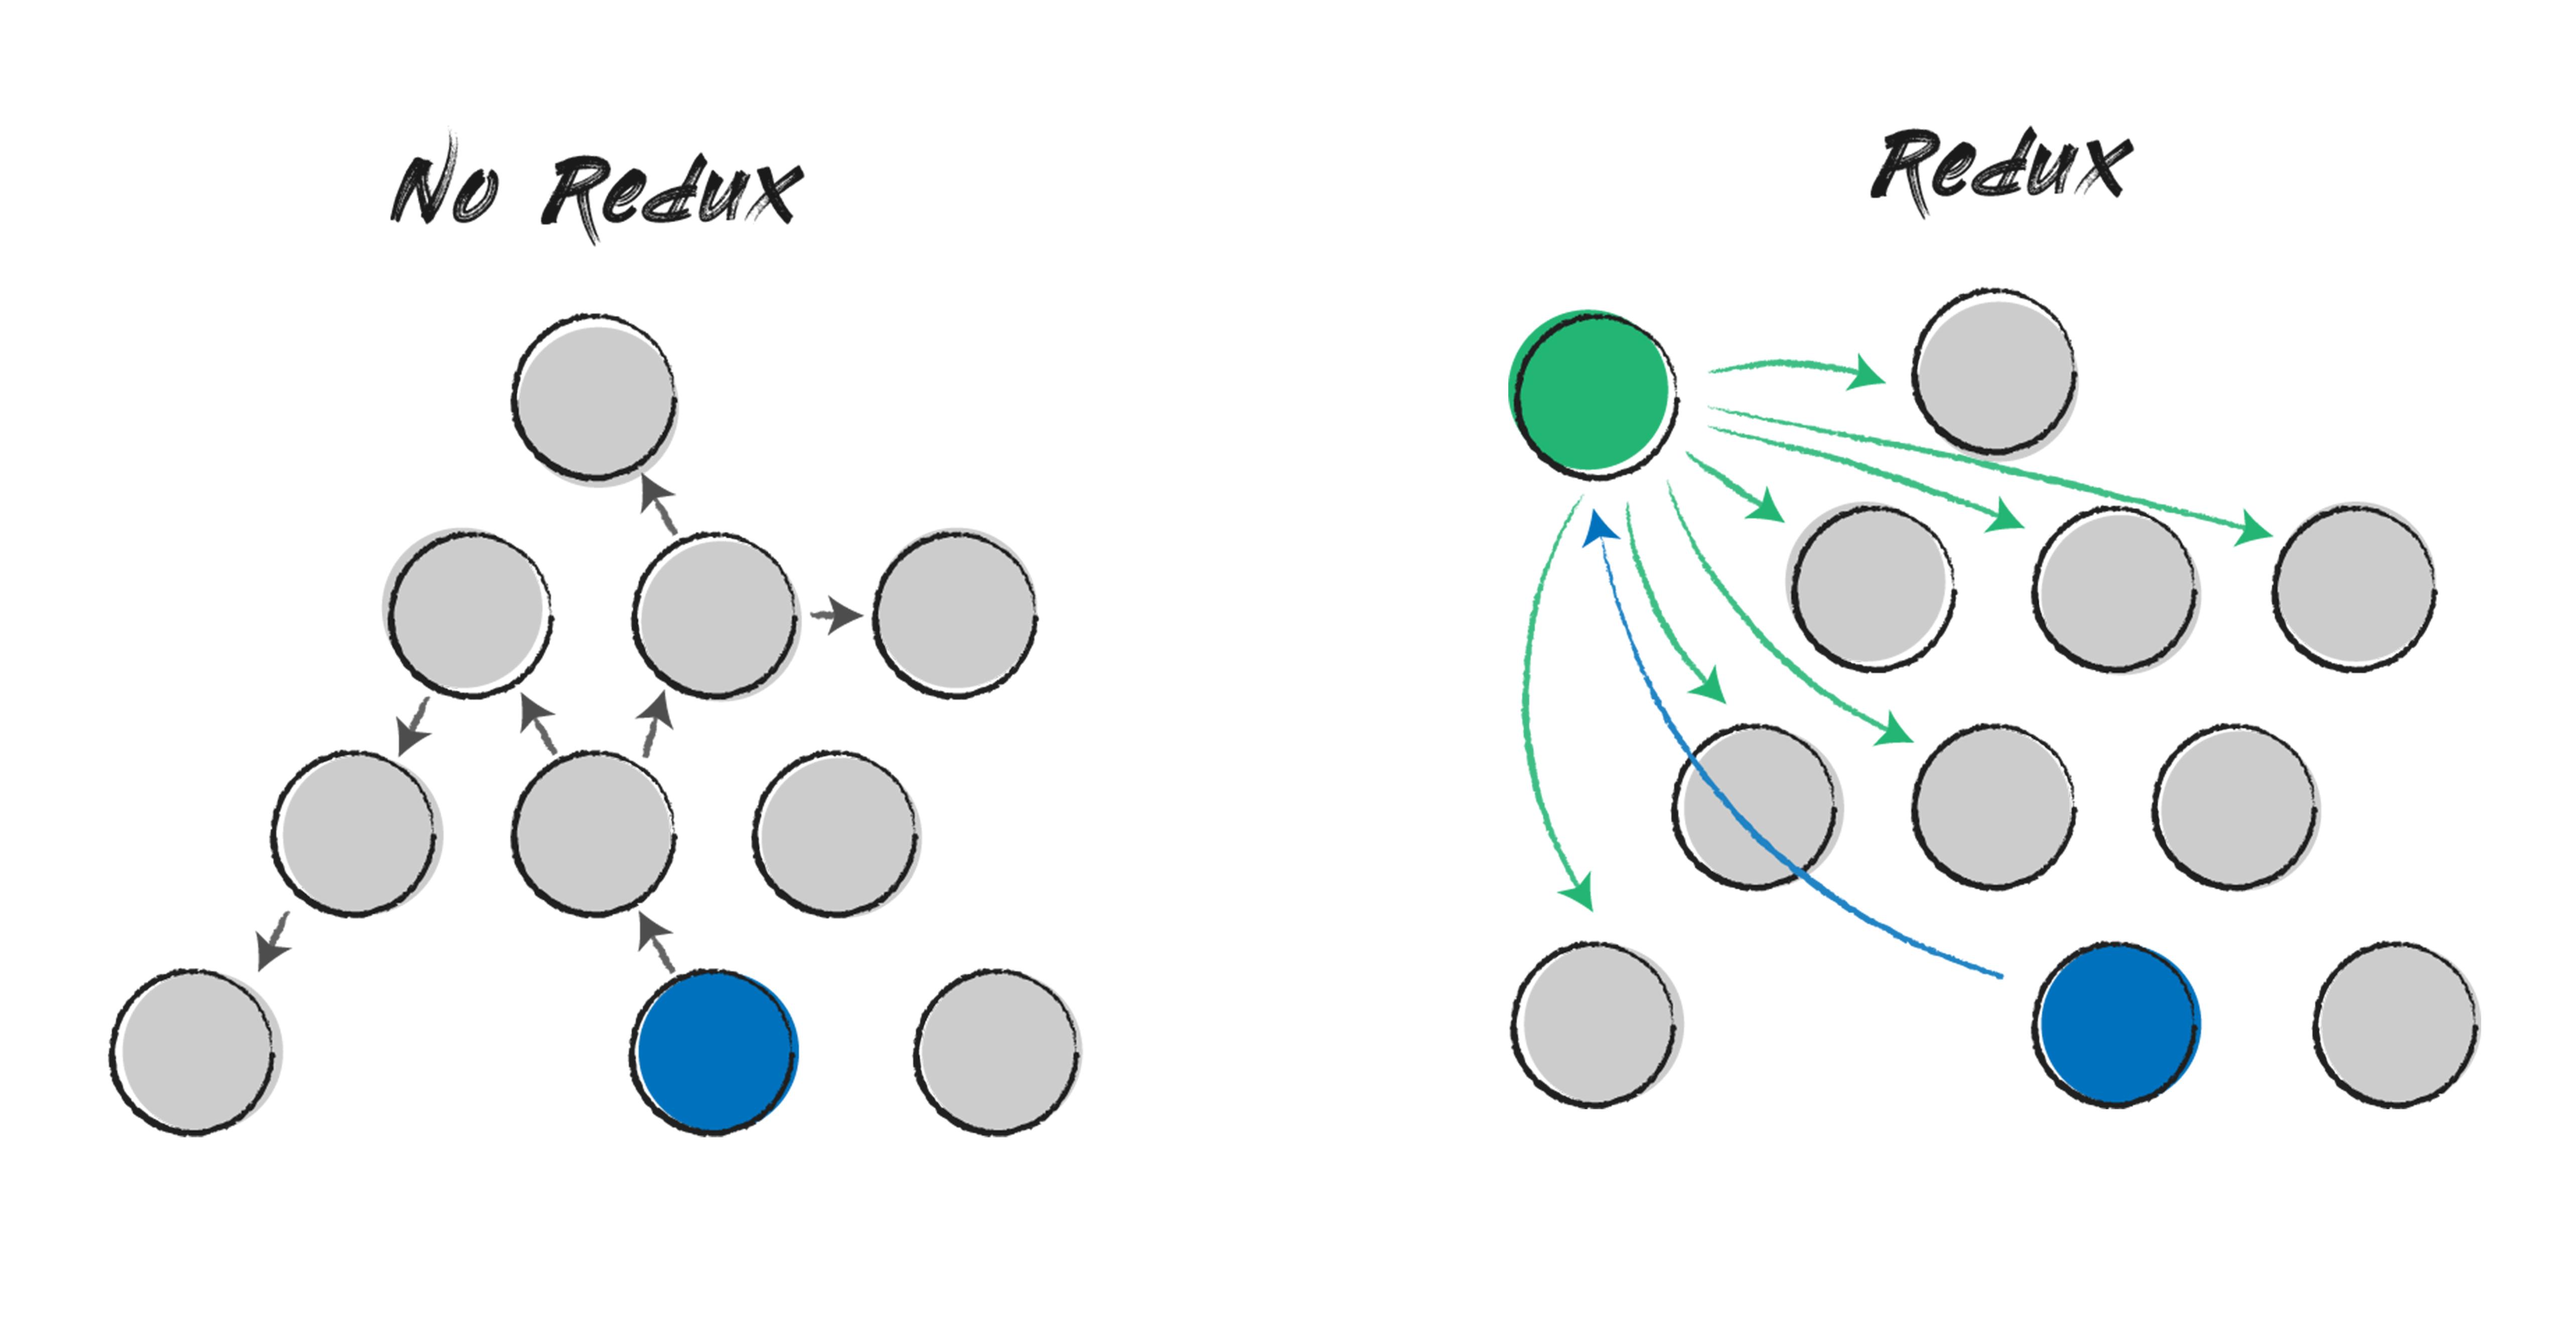 No redux vs Redux